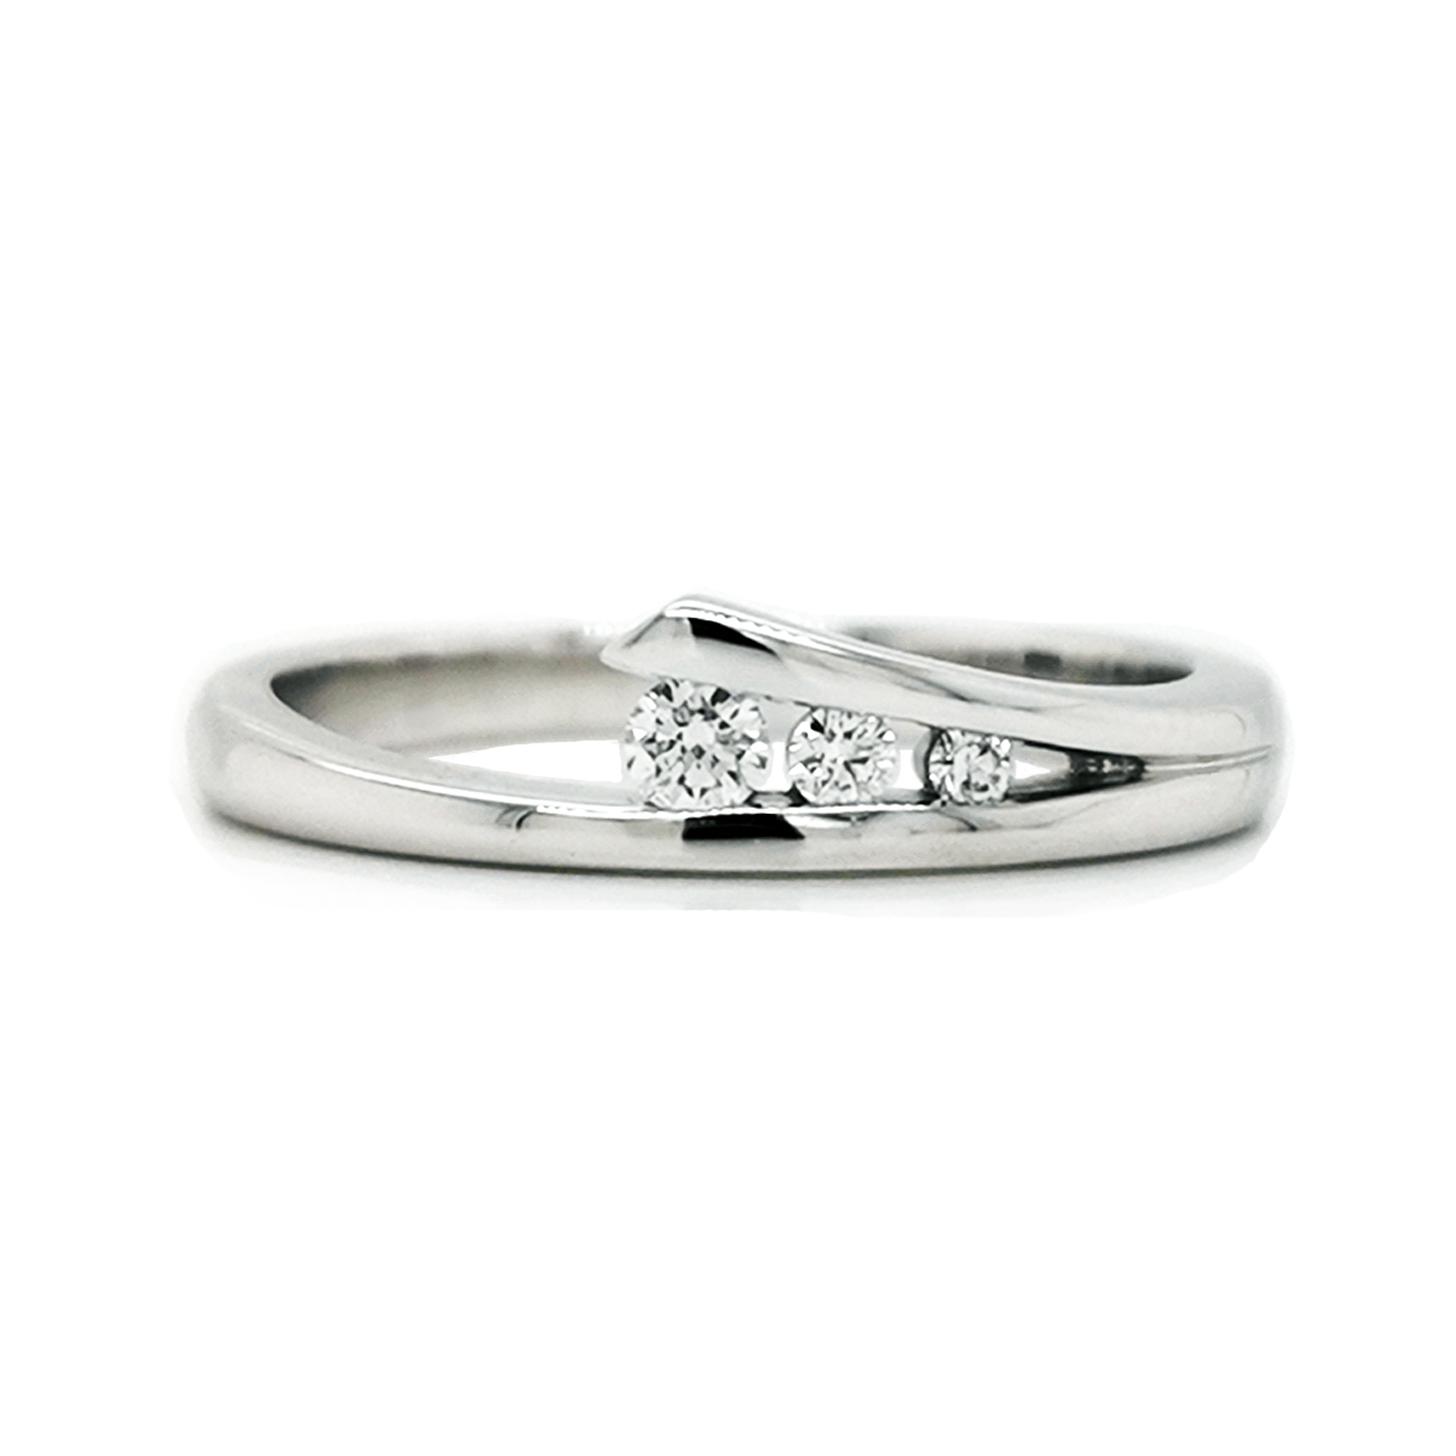 Brillantring aus 585 Weißgold in mit drei weißen Diamanten in Spannring-Optik ca. 0,115 ct